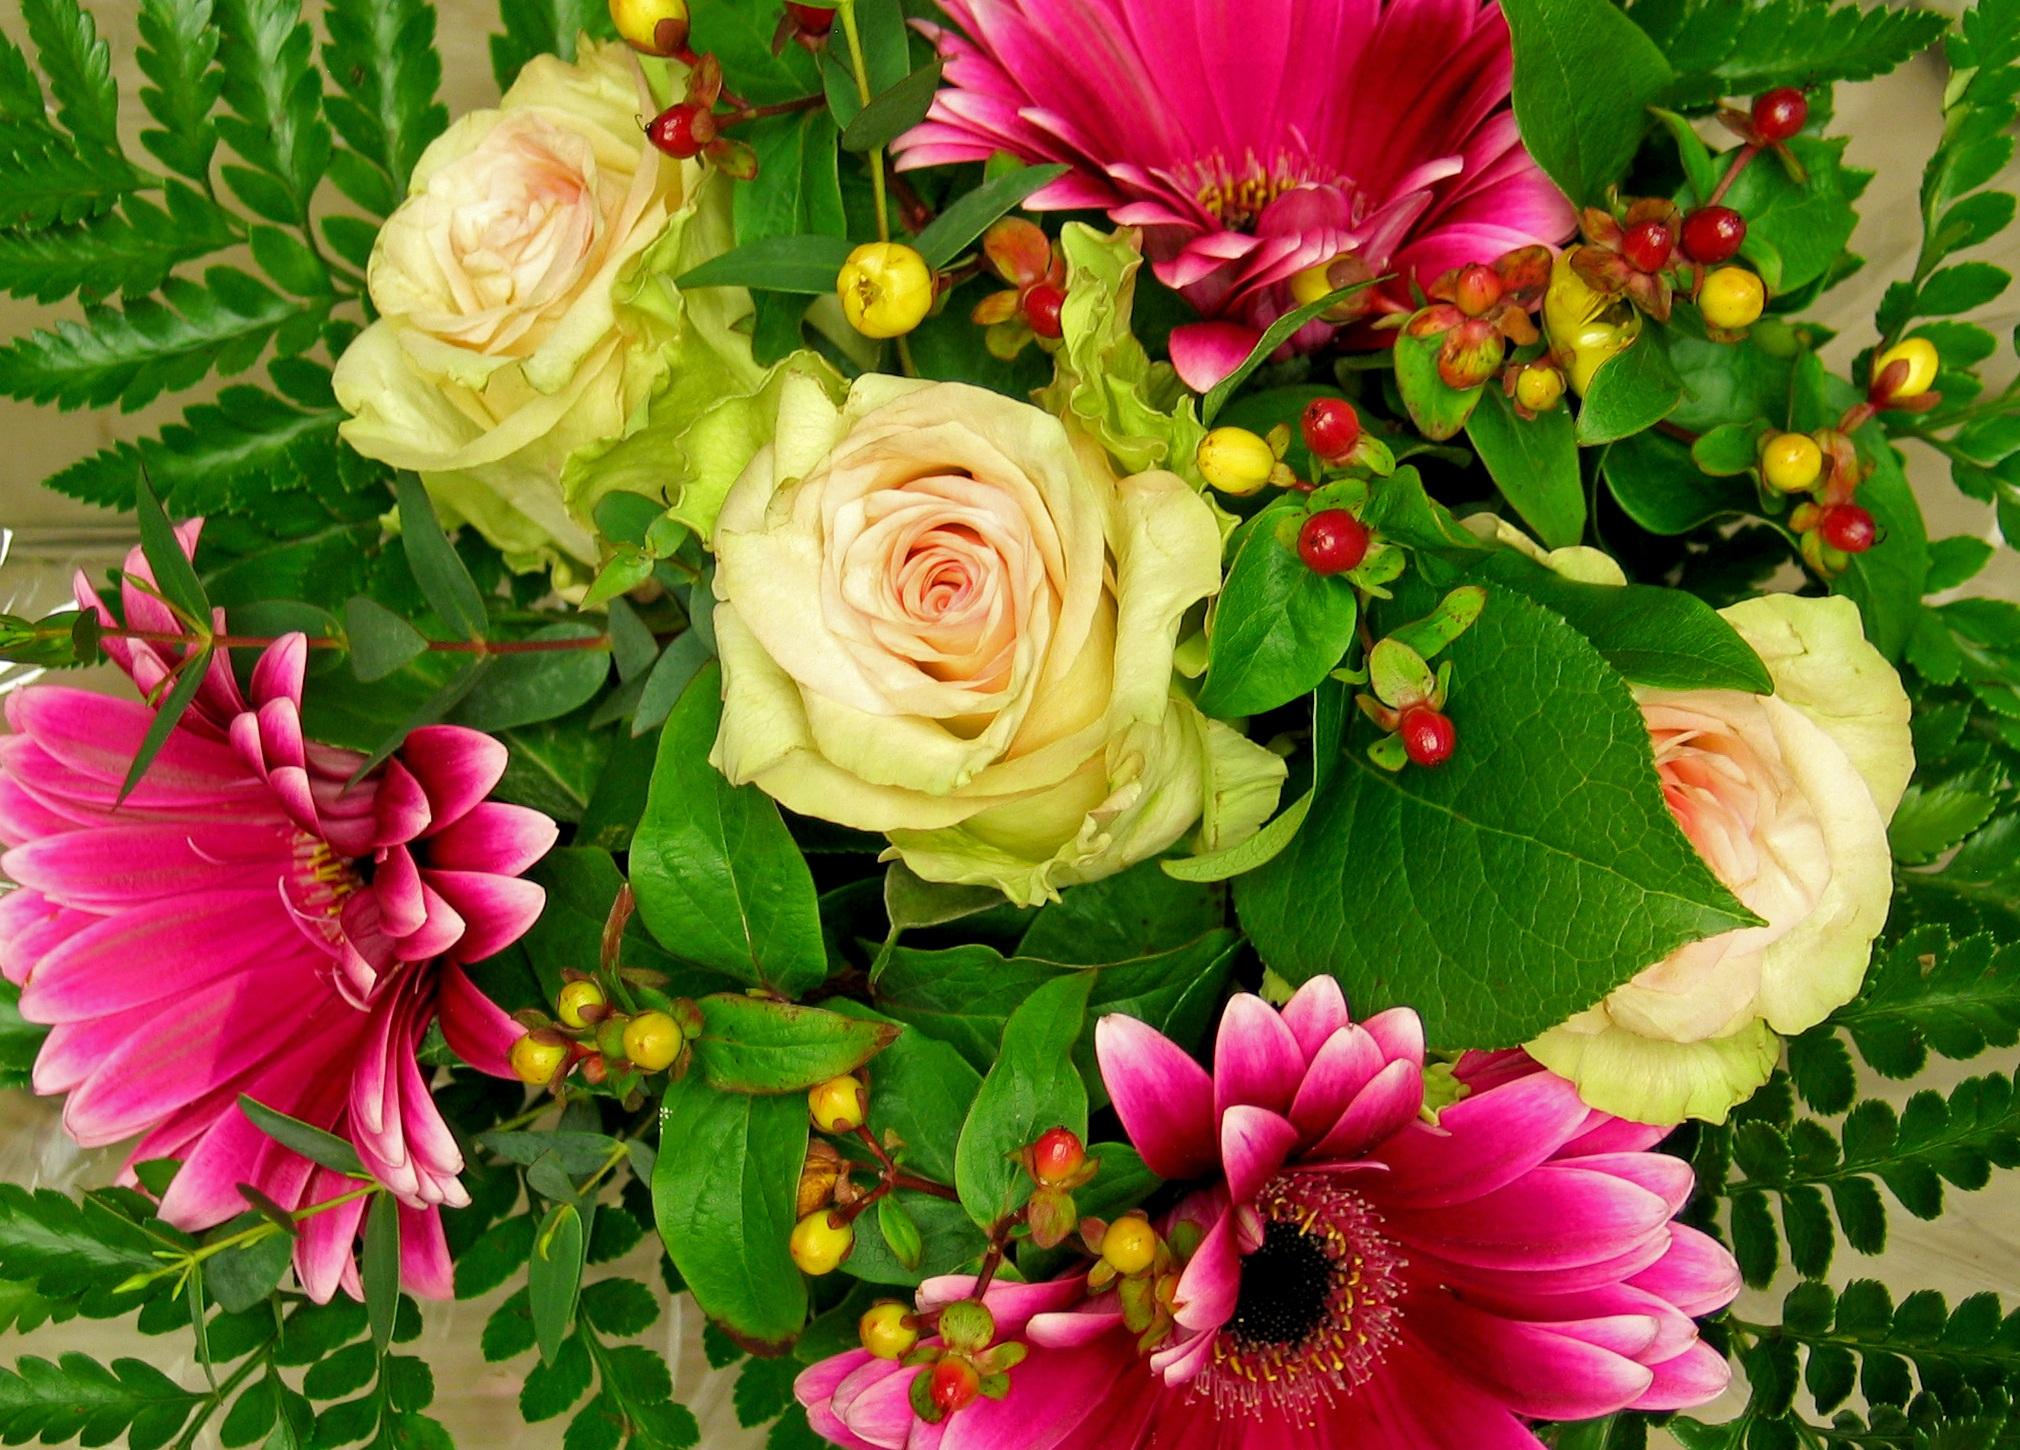 что основные картинки красивейших букетов цветов впервые показали